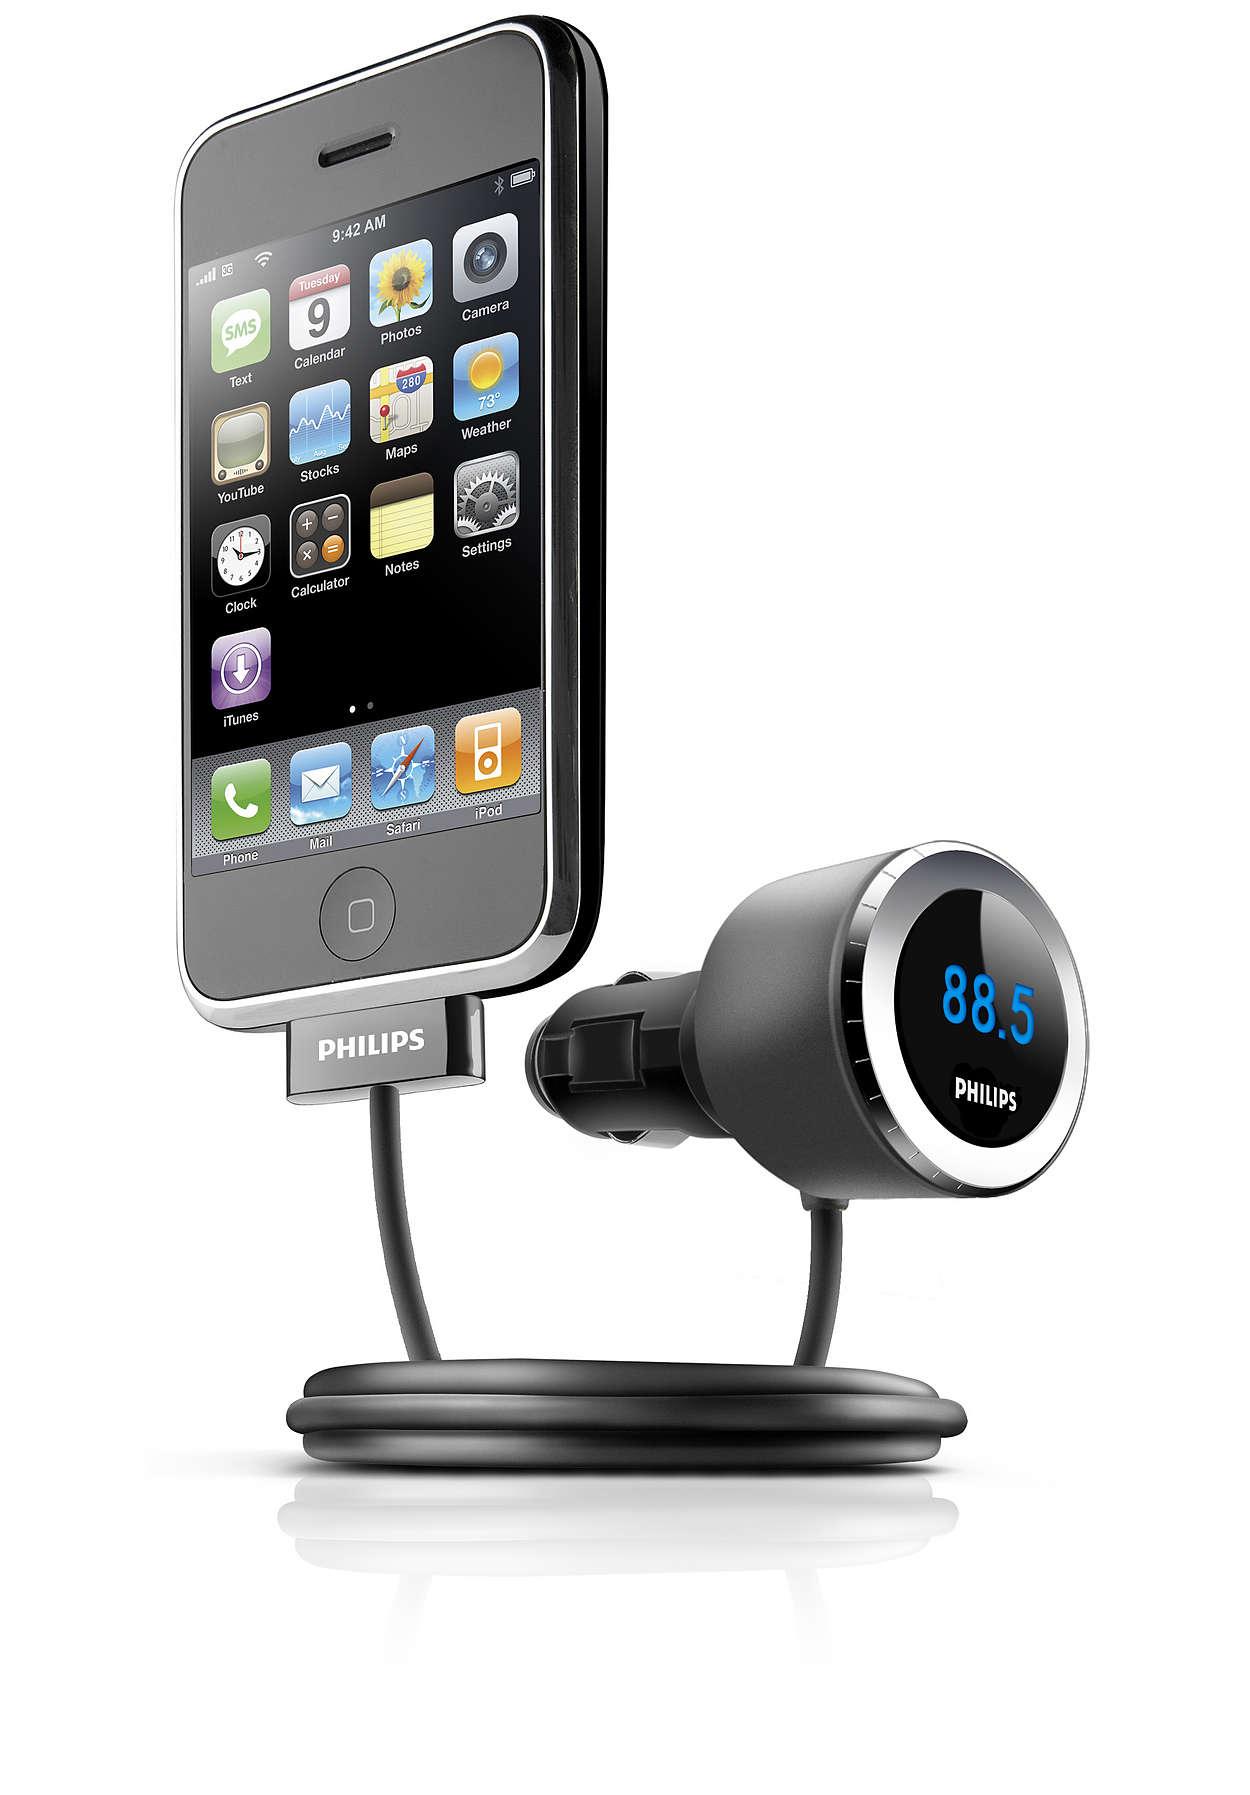 Spela och ladda iPhone i bilen